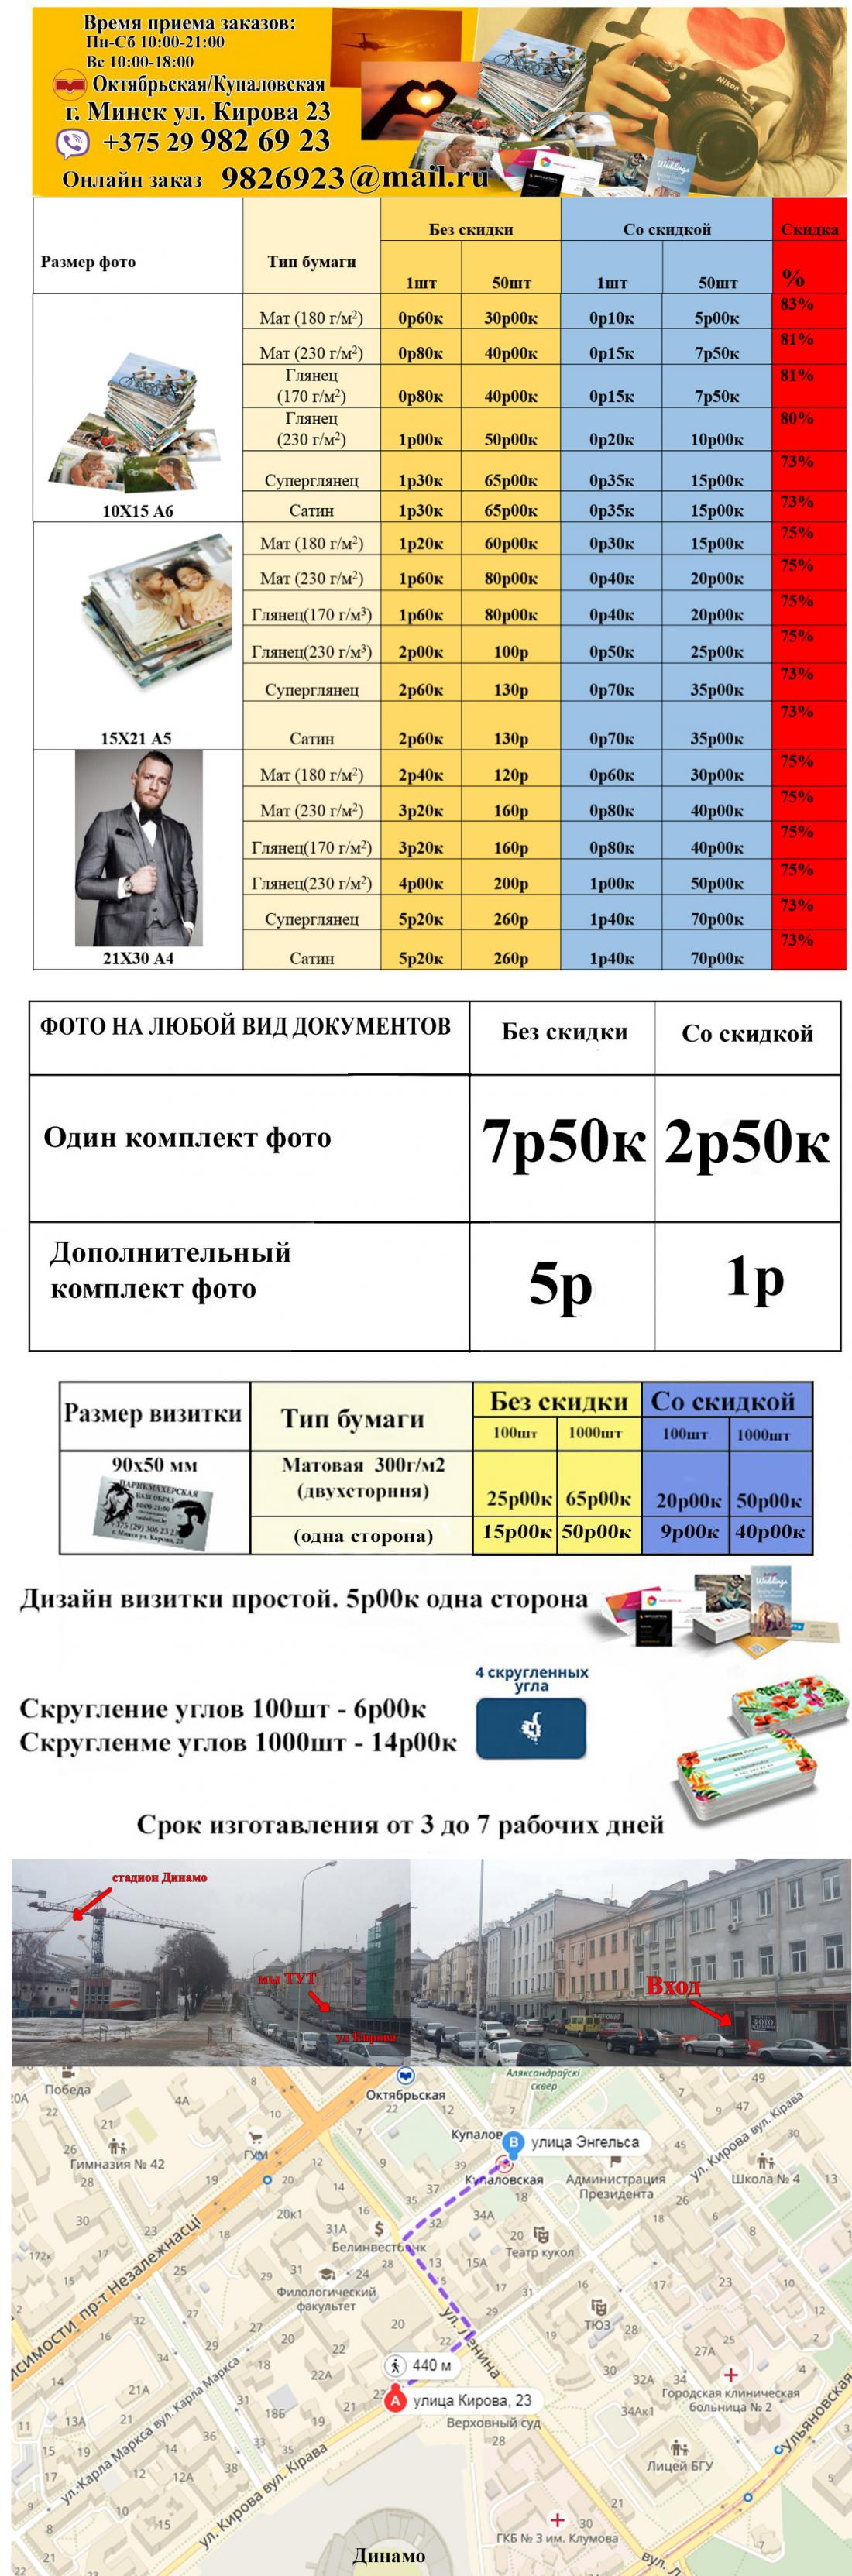 Печать фото от 0,10 руб, срочное фото на документы за 2,50 руб, печать визиток от 9 руб.